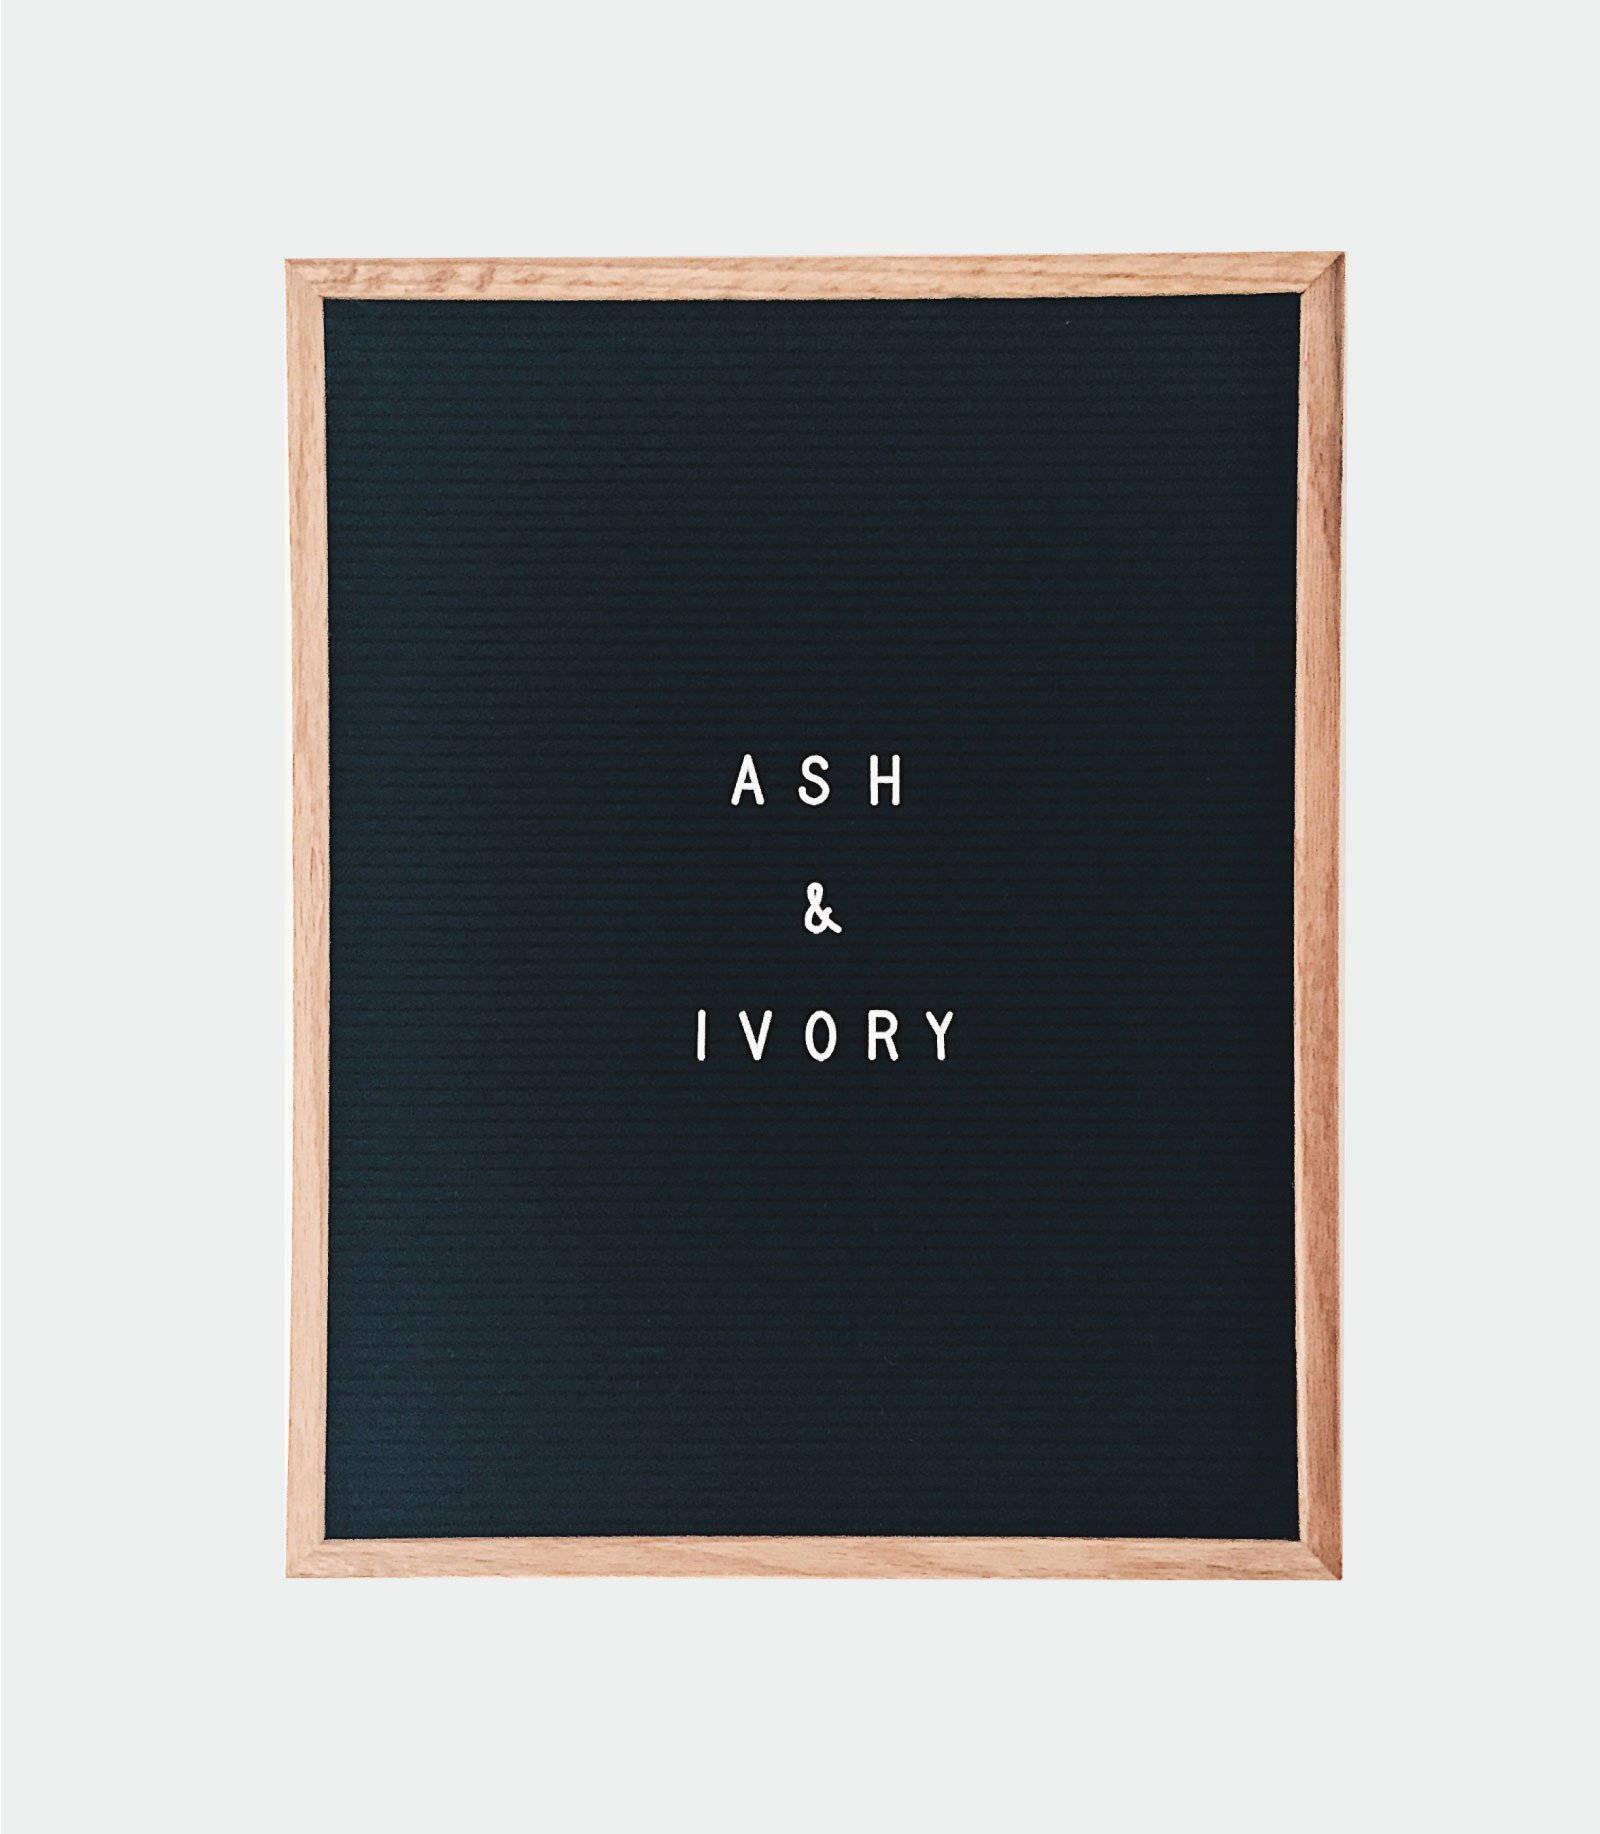 16x20 new black felt letter board. Black Bedroom Furniture Sets. Home Design Ideas